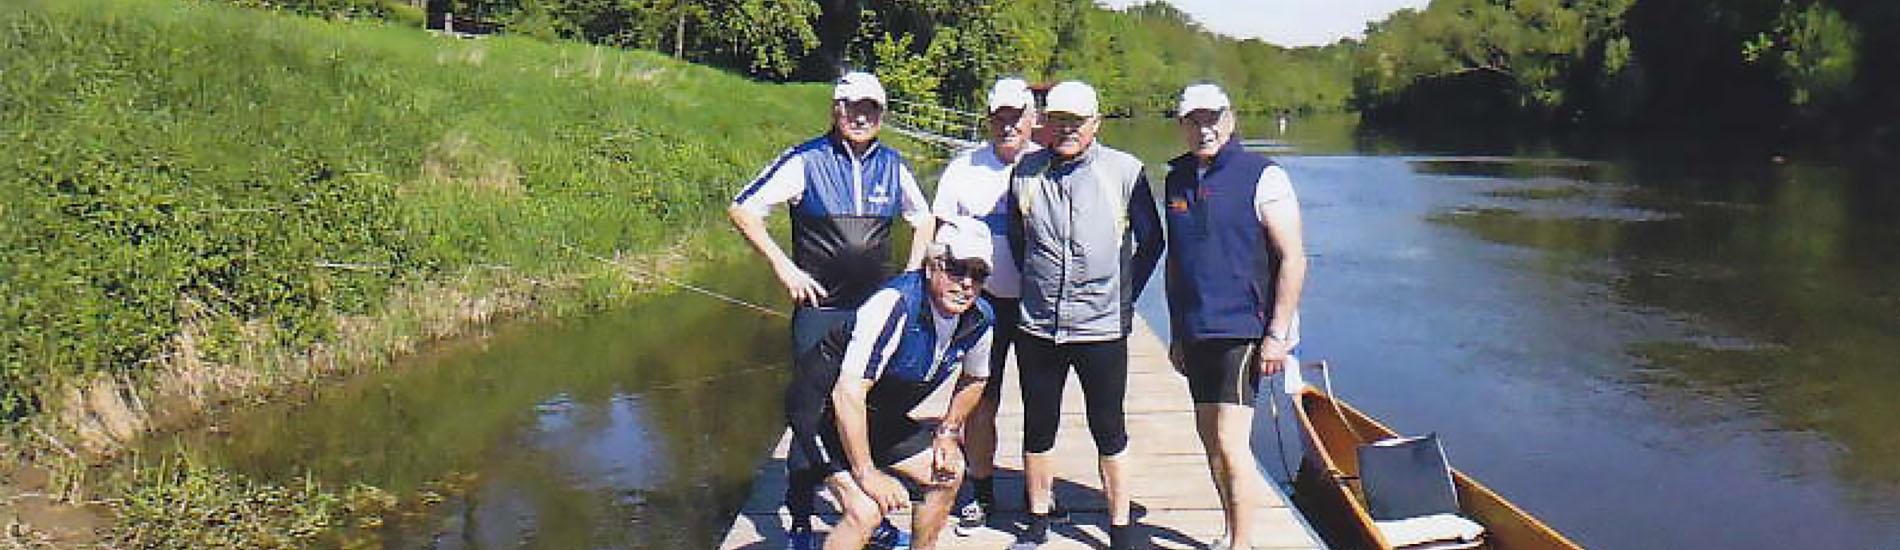 Donnerstag-Gruppe der Binger RG zur Wanderfahrt auf Unstrut und Saale